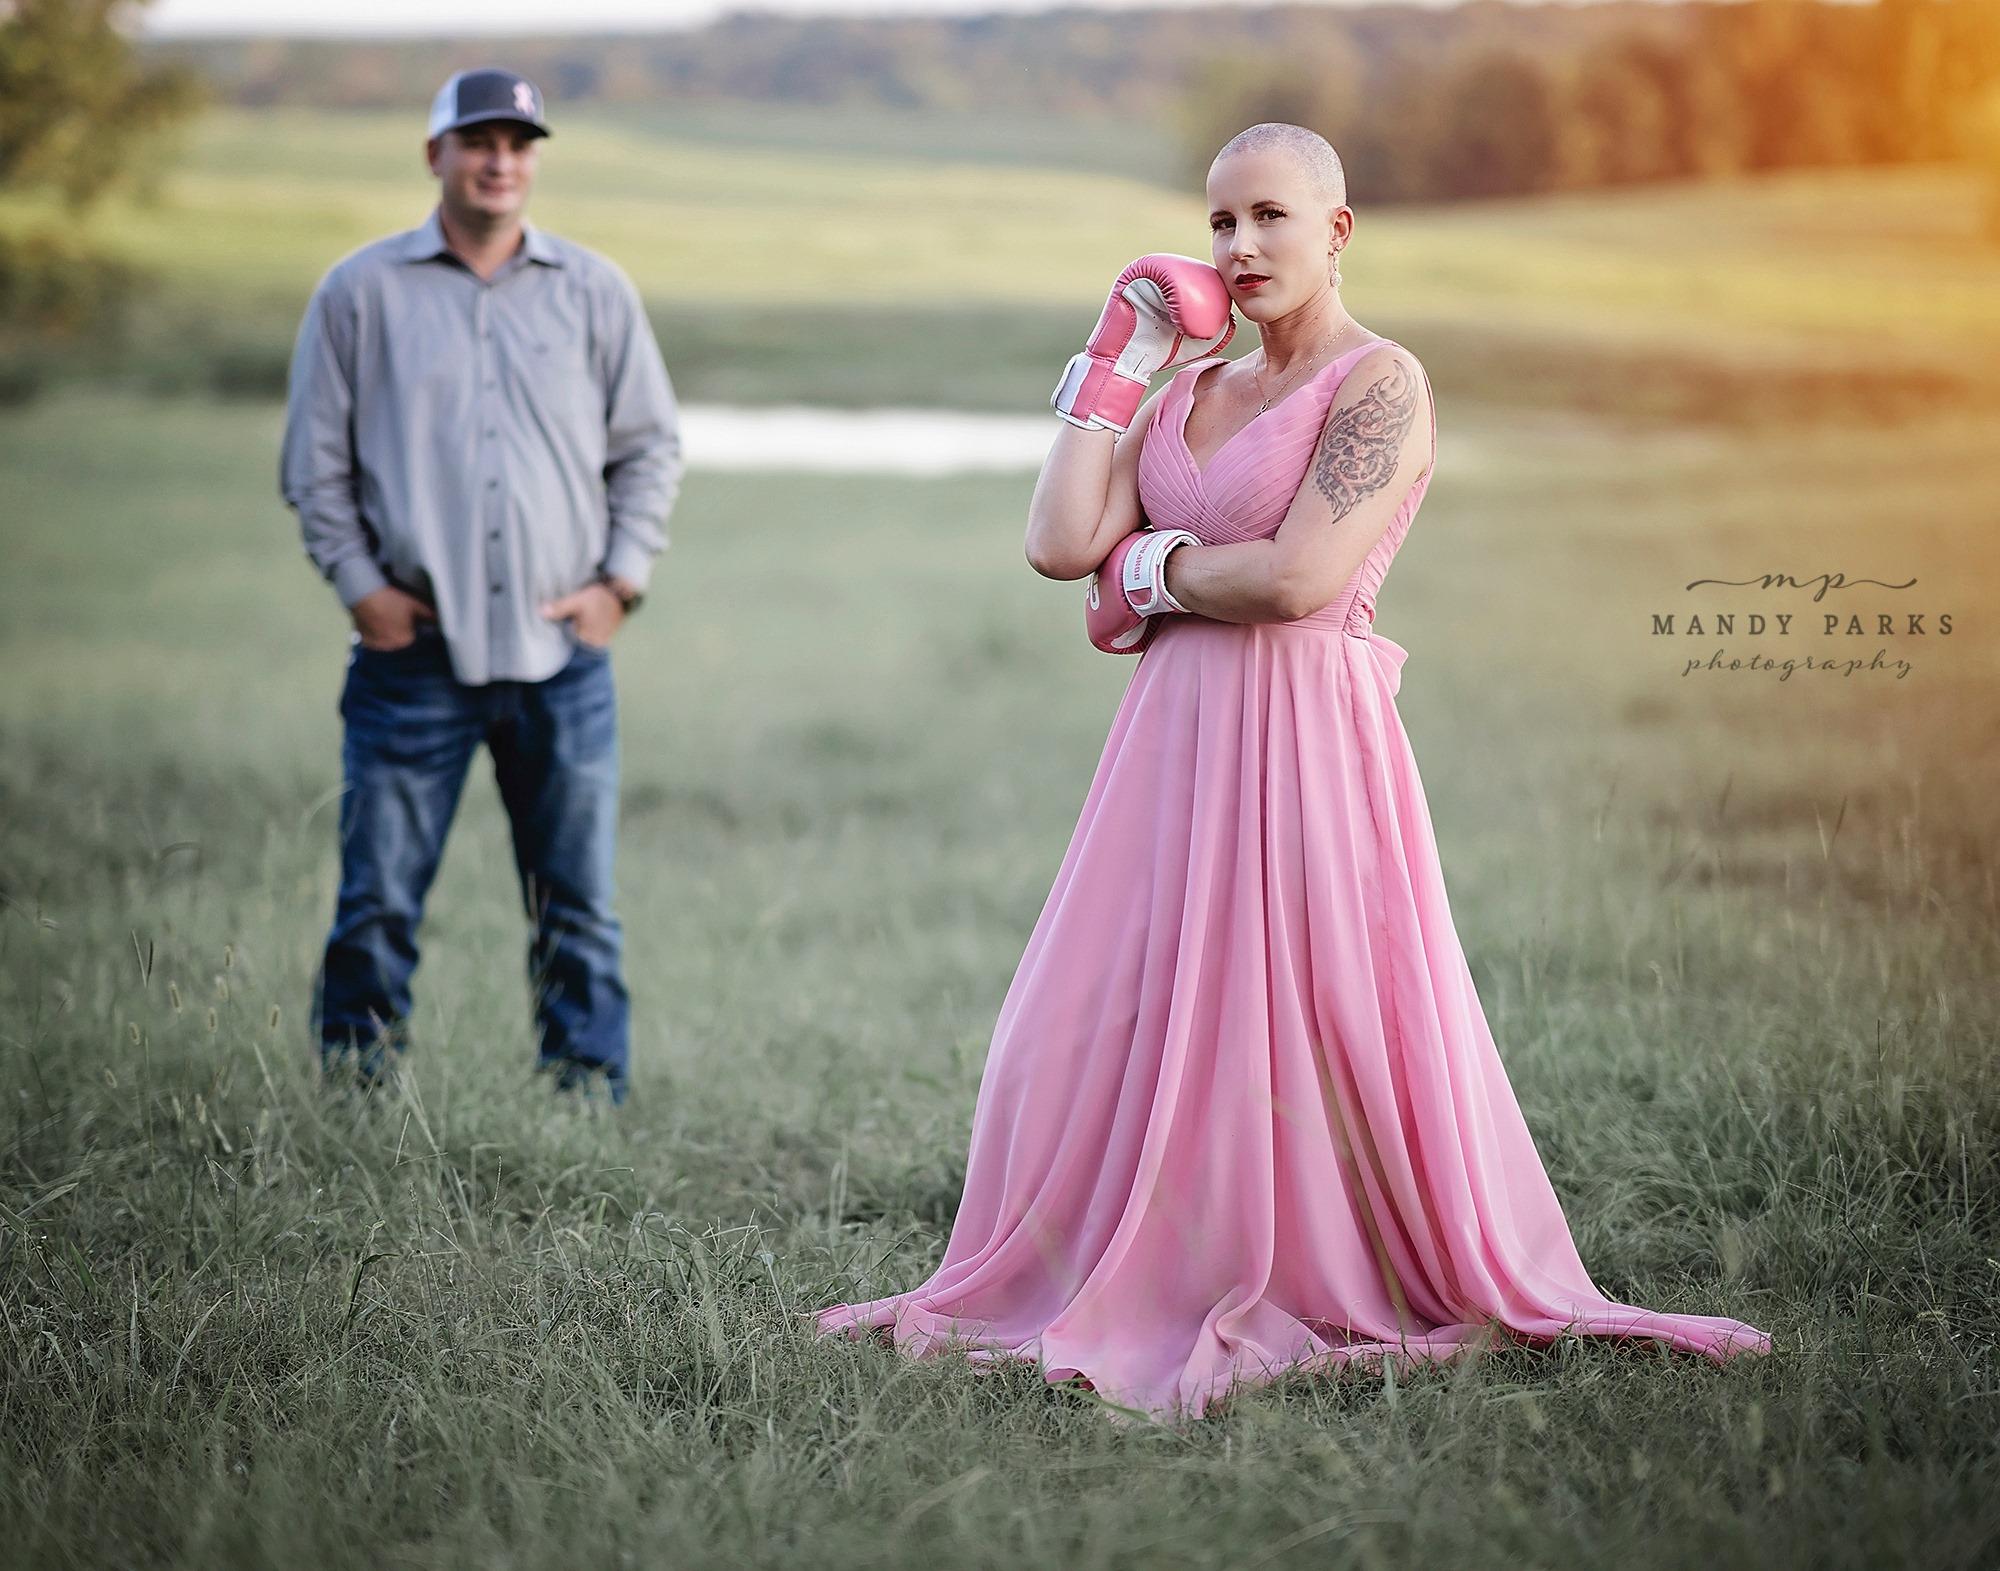 Sessão de fotos representa a luta de uma mulher contra o câncer de mama